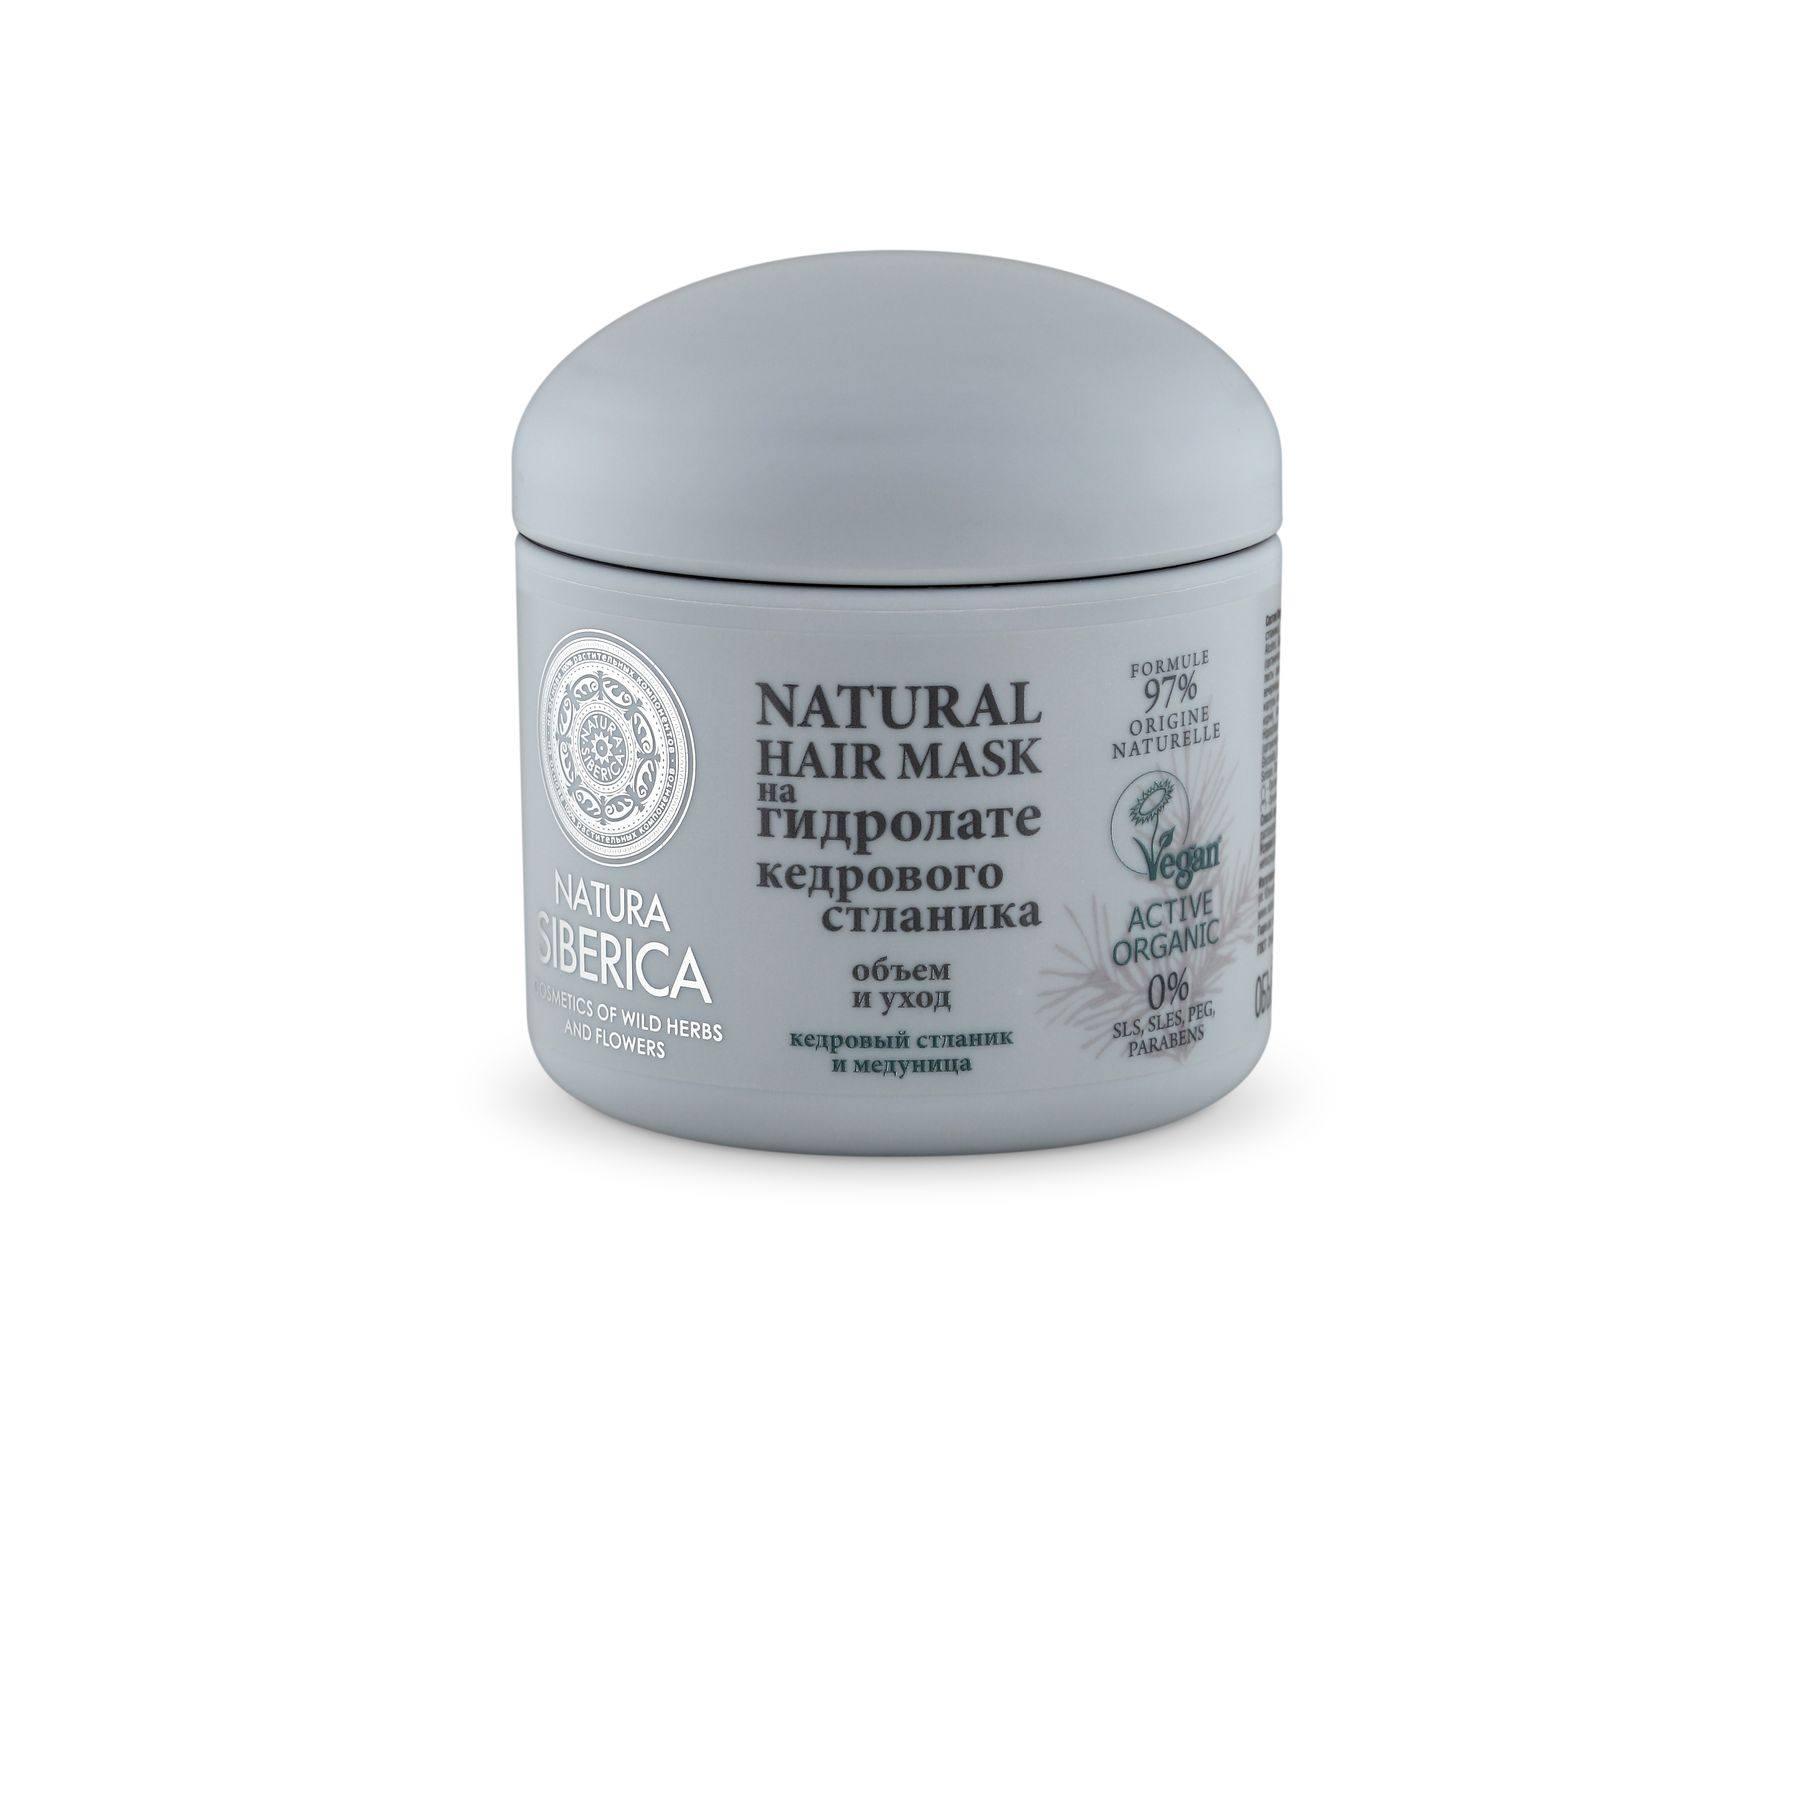 Купить Natura Siberica Гидролат Маска для всех типов волос Объем и уход , 370 мл (shop: Organic-shops Organic shops)